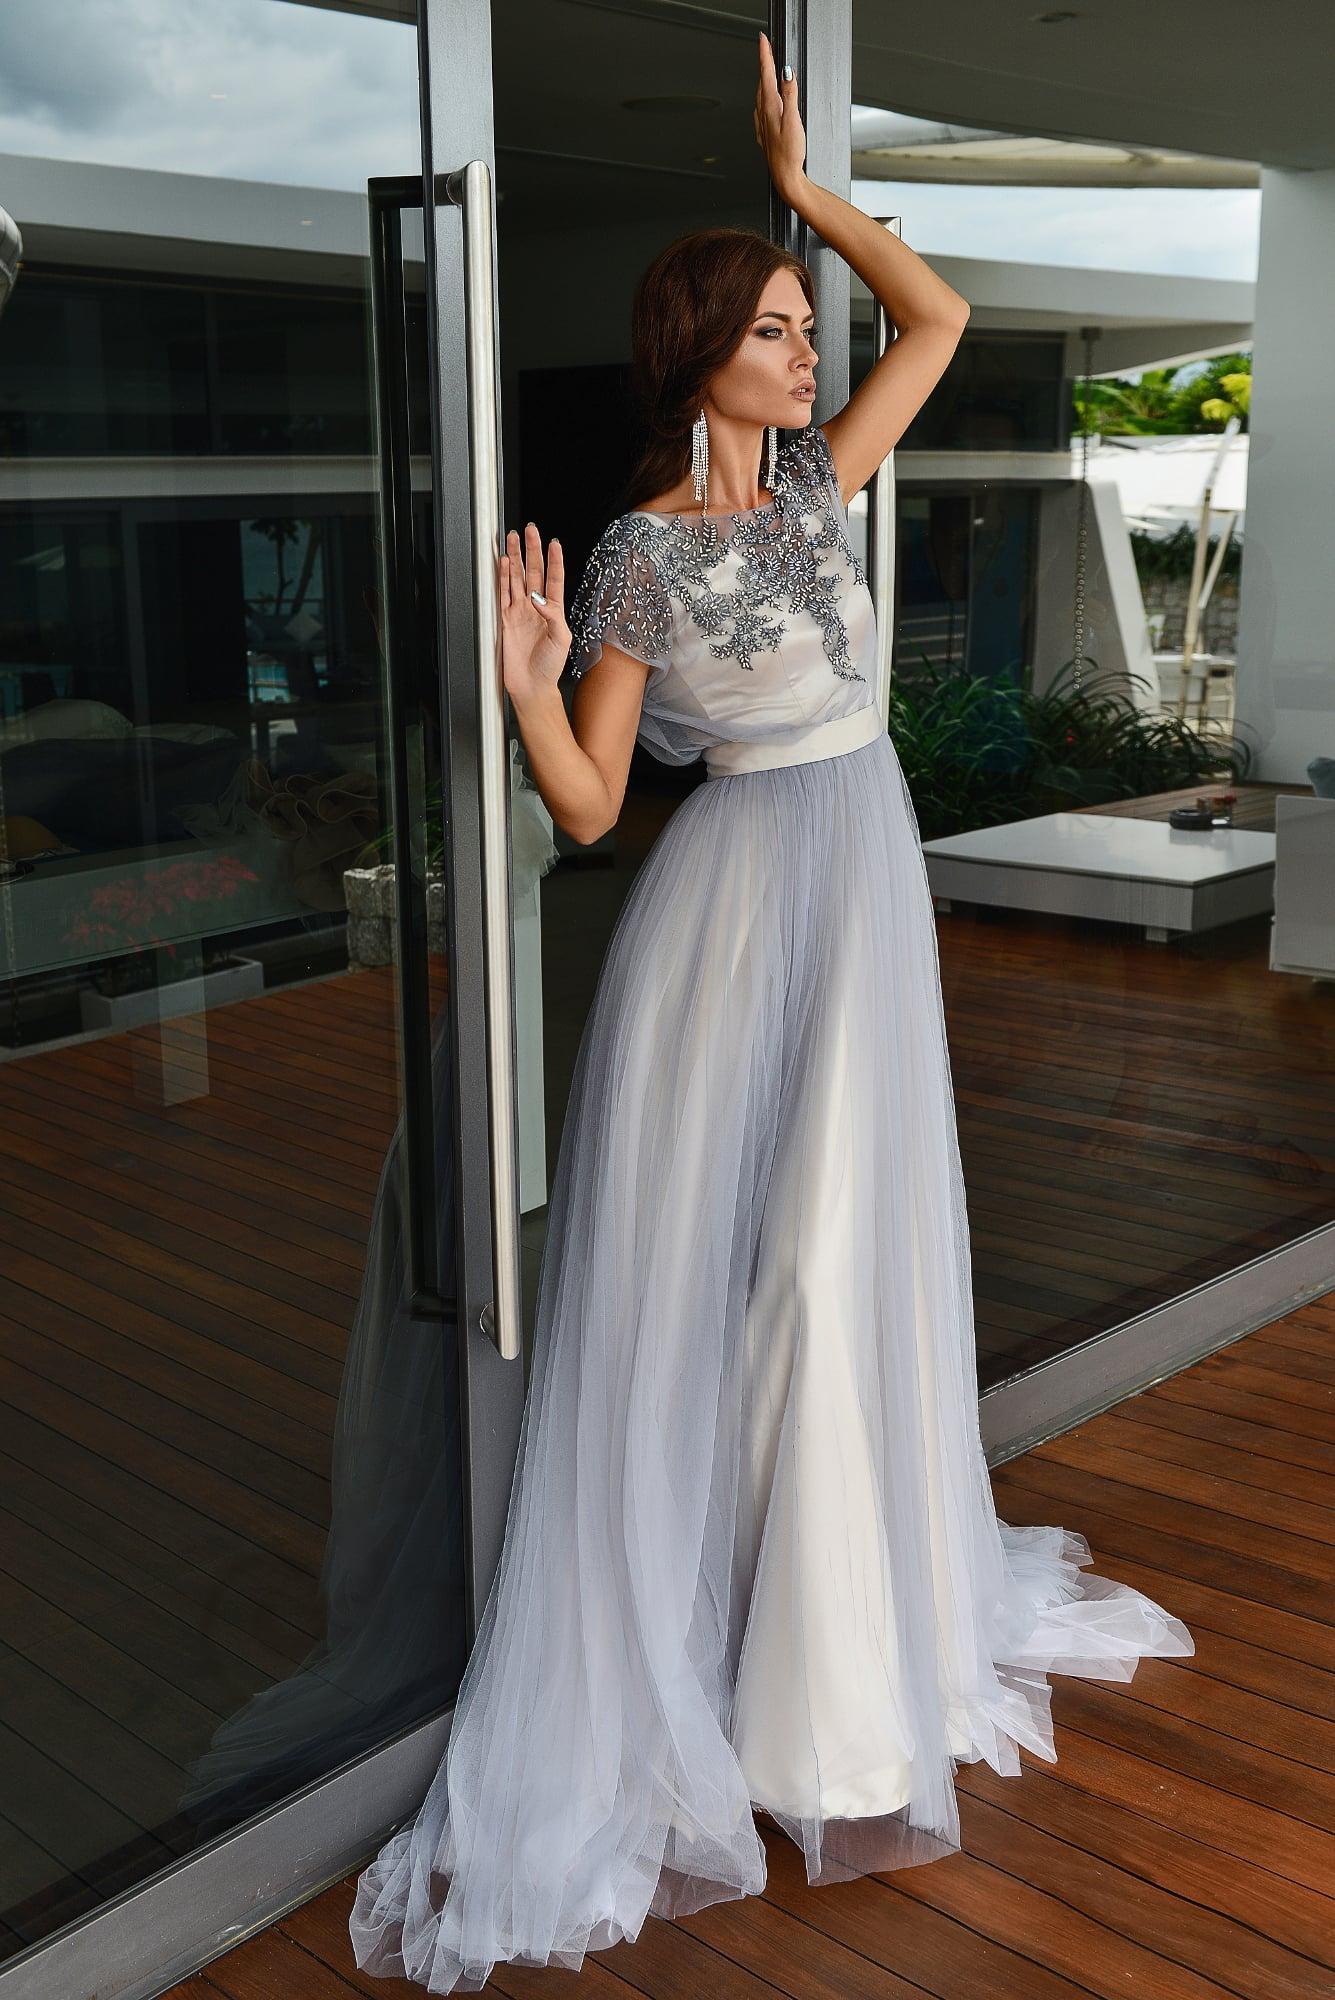 Серебристо-серое свадебное платье с прямой юбкой и сияющим декором лифа.